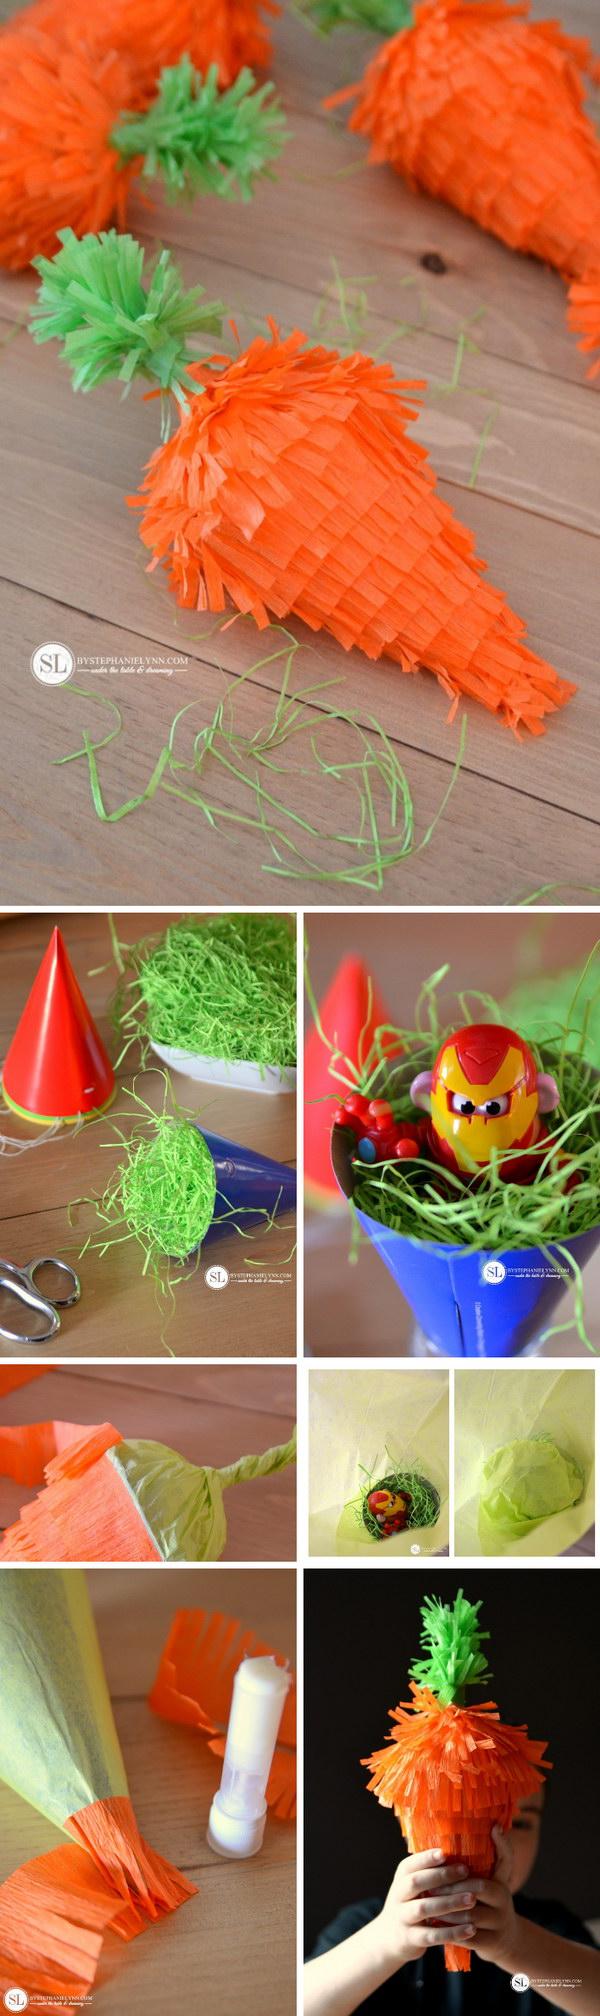 31 DIY Mini Easter Carrot Pinatas